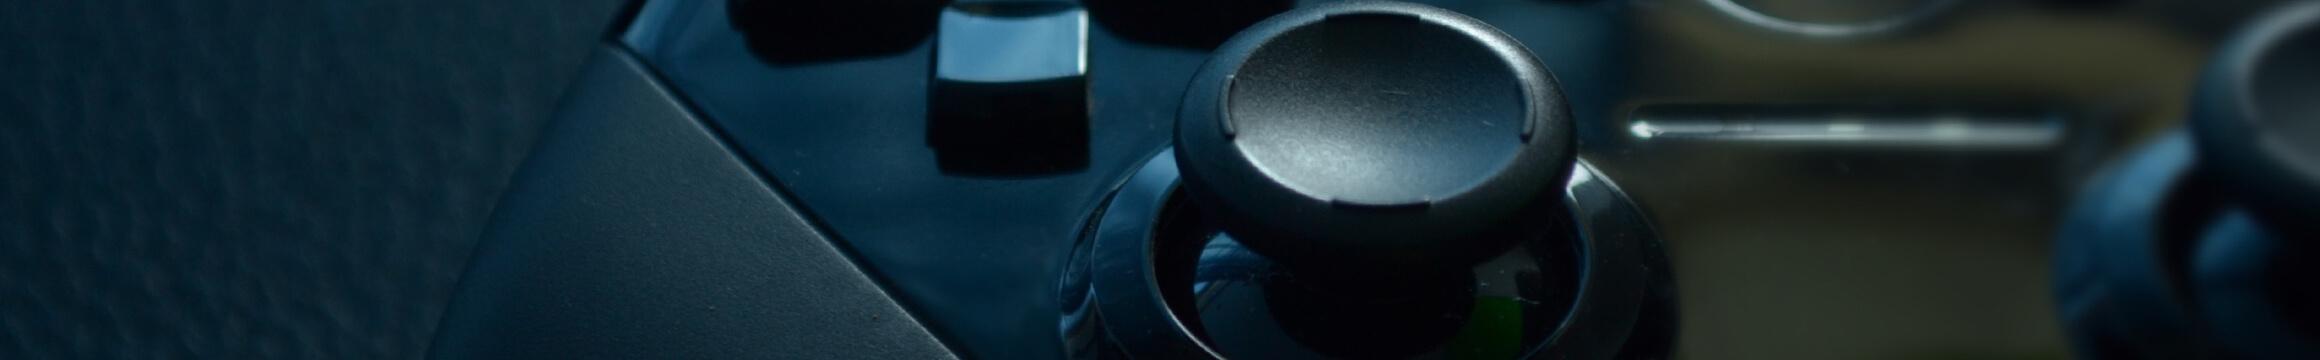 Video Gaming 01